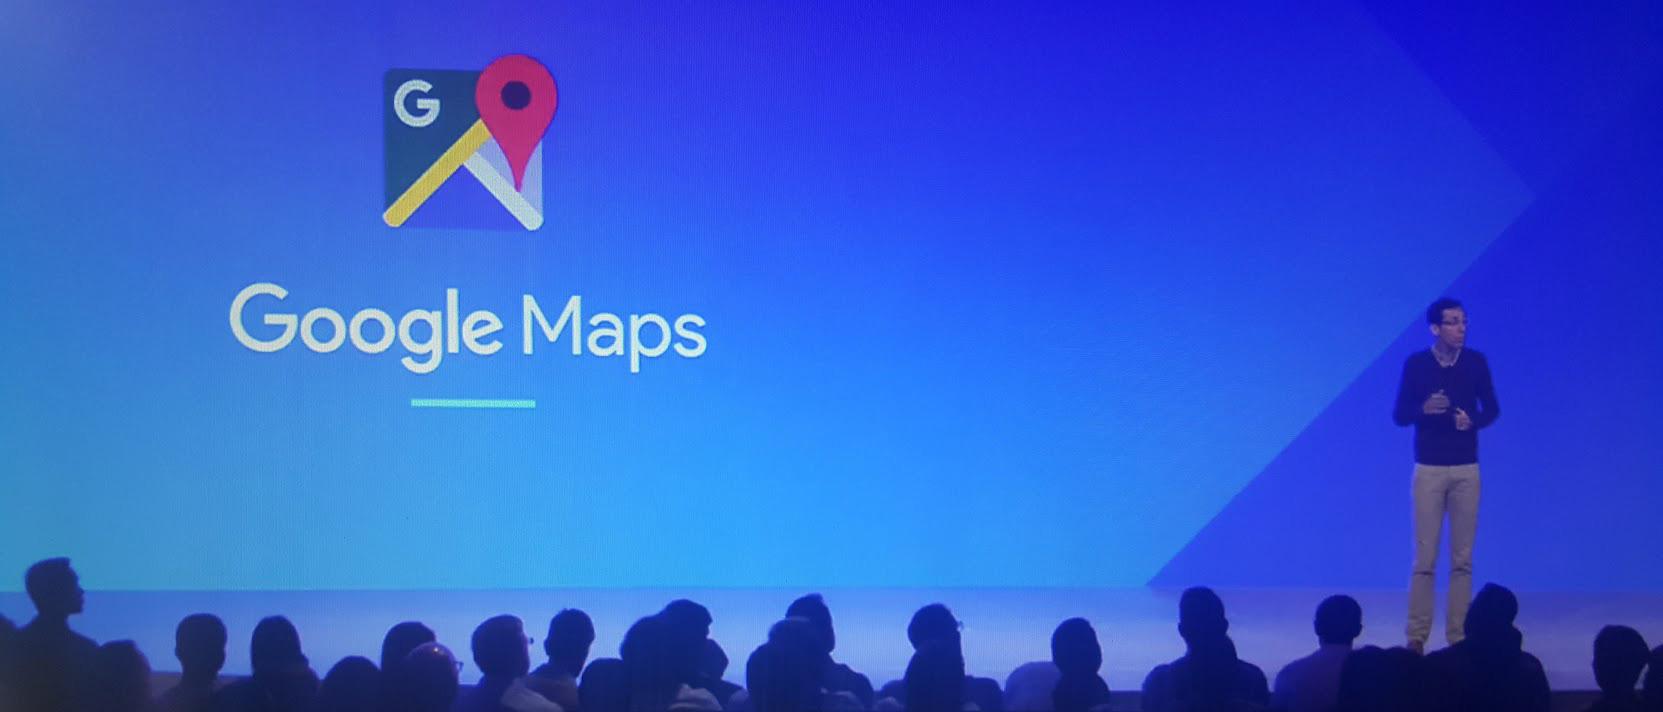 Novos anúncios para Google Maps